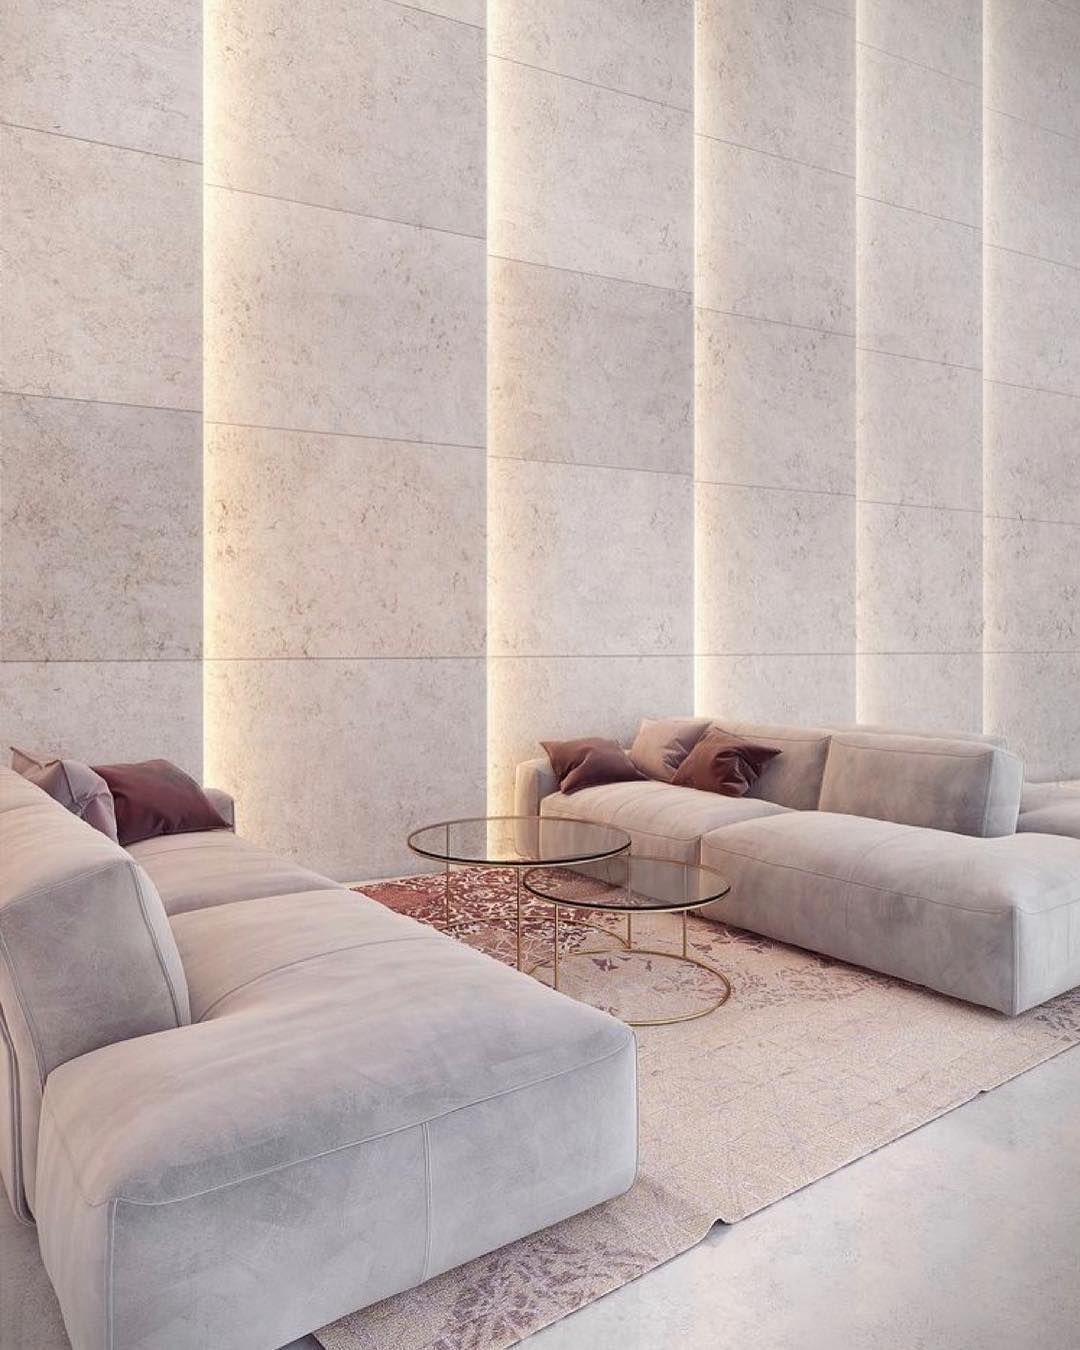 Wohnzimmer-Einrichtung (Interior Design) In Den Neutralen